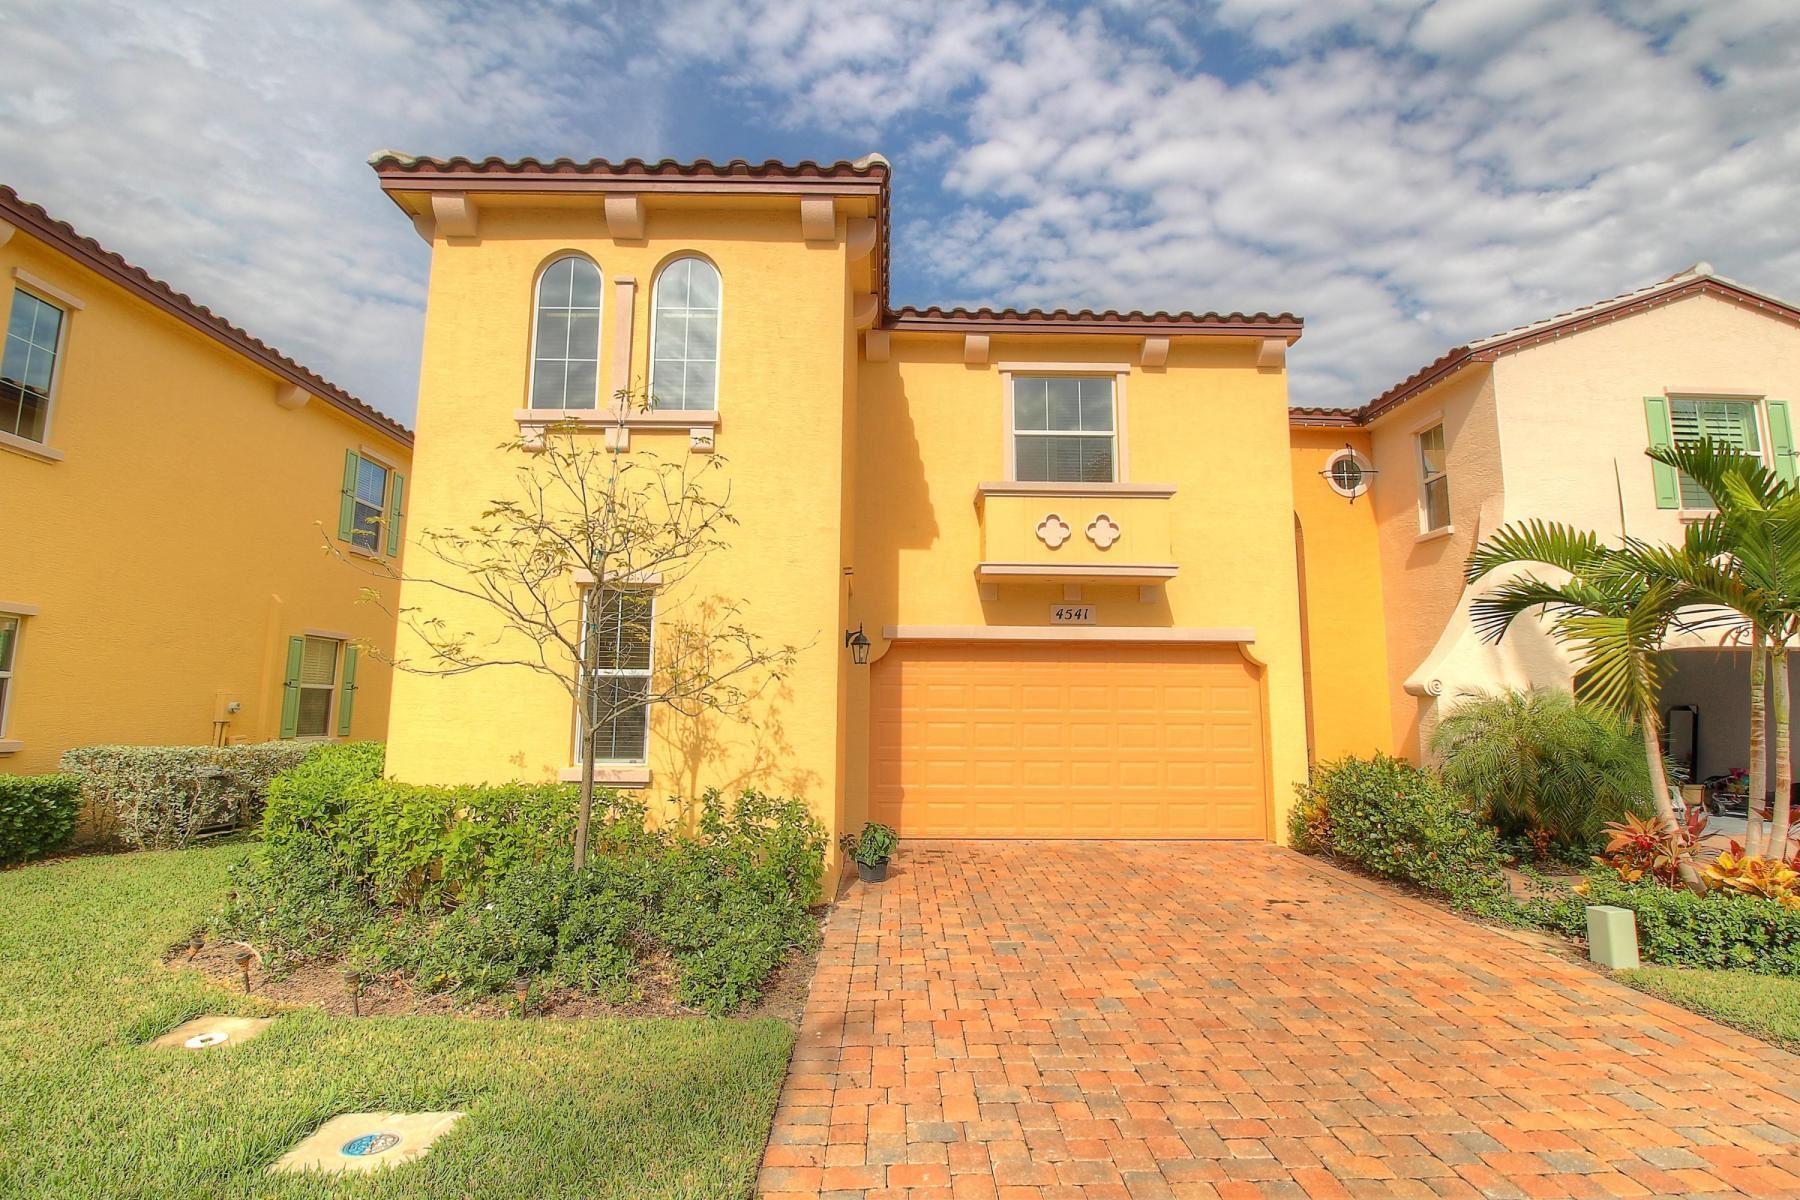 Photo of 4541 Mediterranean Circle, Palm Beach Gardens, FL 33418 (MLS # RX-10685045)